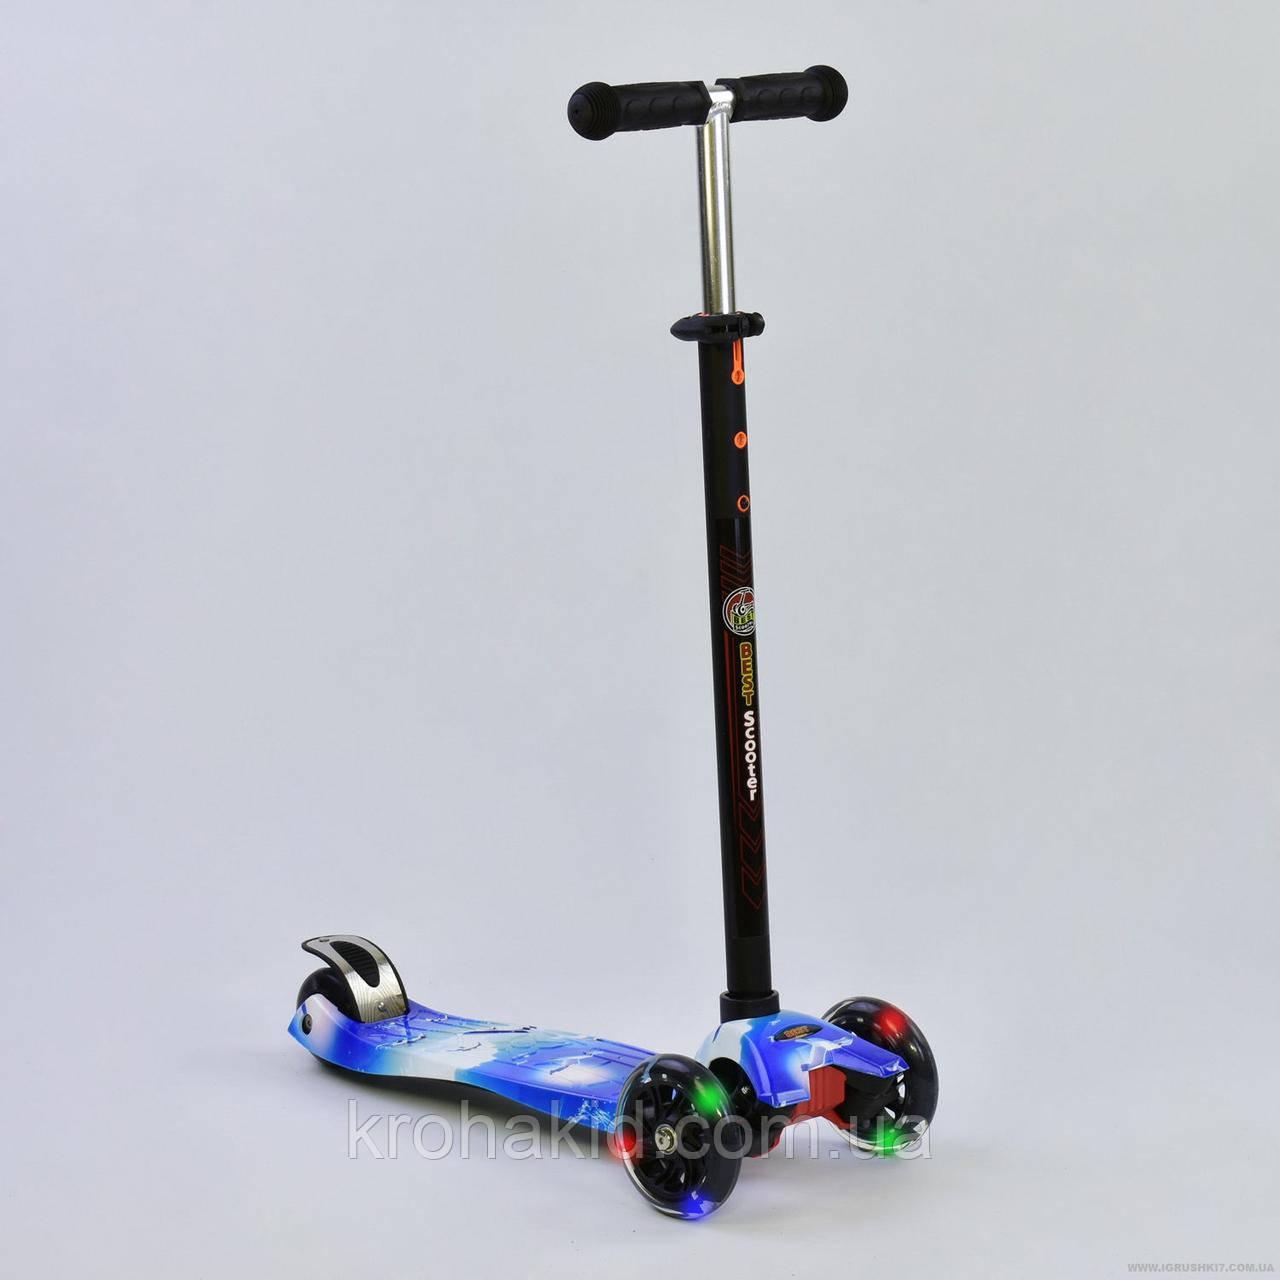 """Самокат MAXI """"Best Scooter"""" А 24658 /779-1307 колеса PU- диаметр 12 см, трубка руля алюминиевая от 63 до 86 см"""